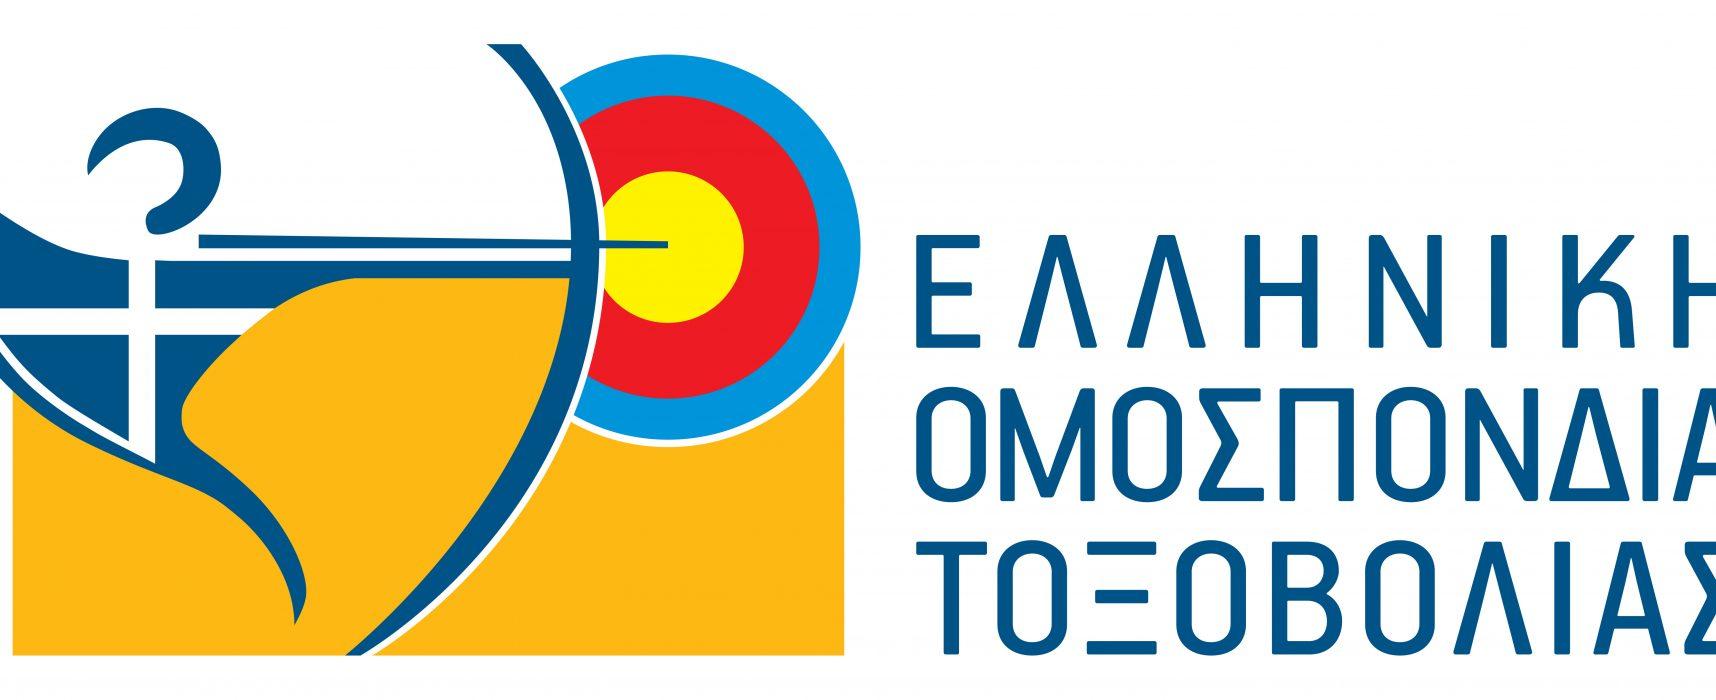 Aνακοίνωση για τα όρια των προεθνικών ομάδων και τα πριμ 2020 και 2021